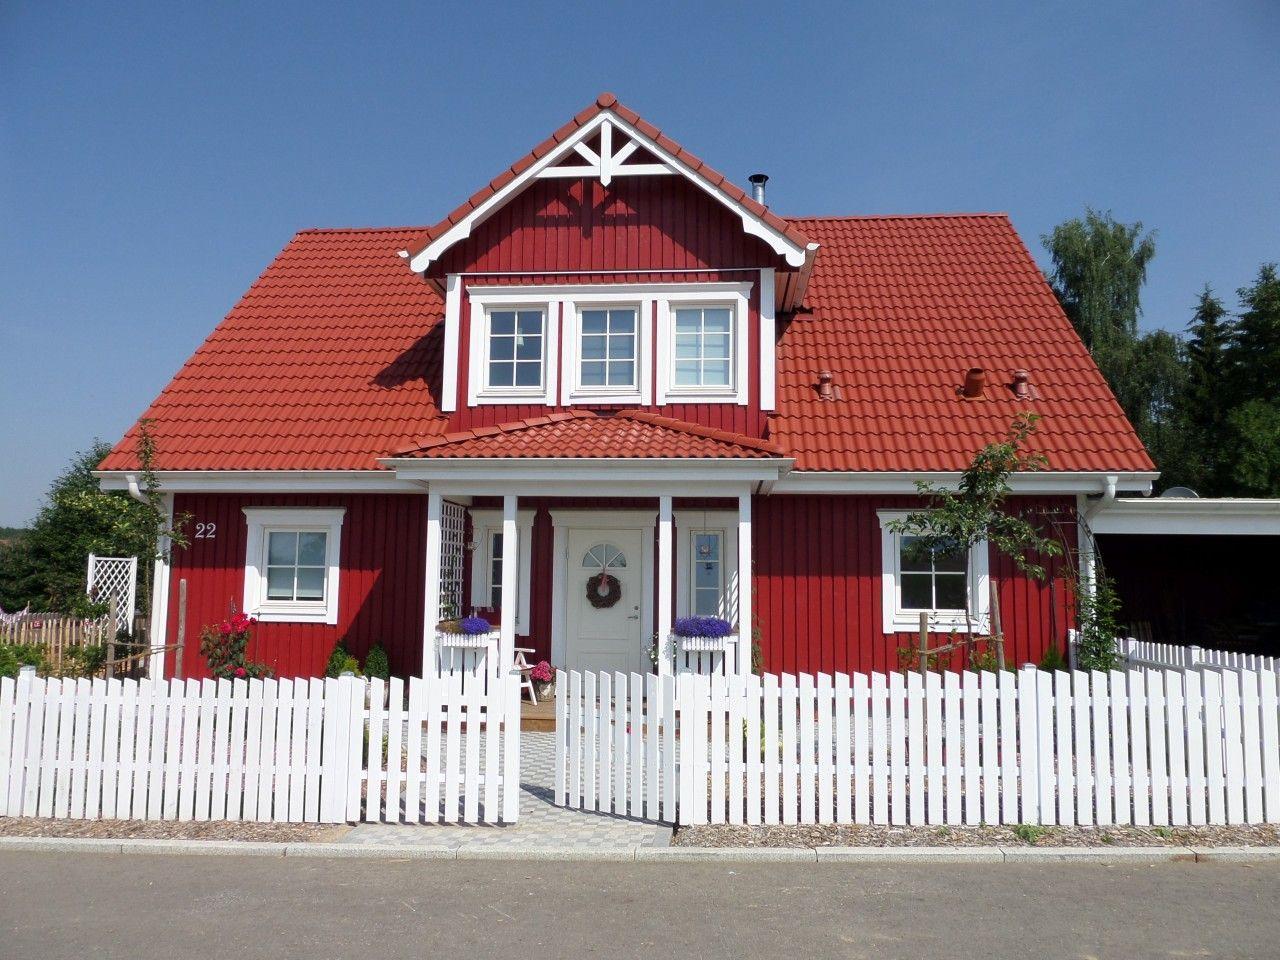 kleine lotta unser schwedenhaus schwedenhaus. Black Bedroom Furniture Sets. Home Design Ideas